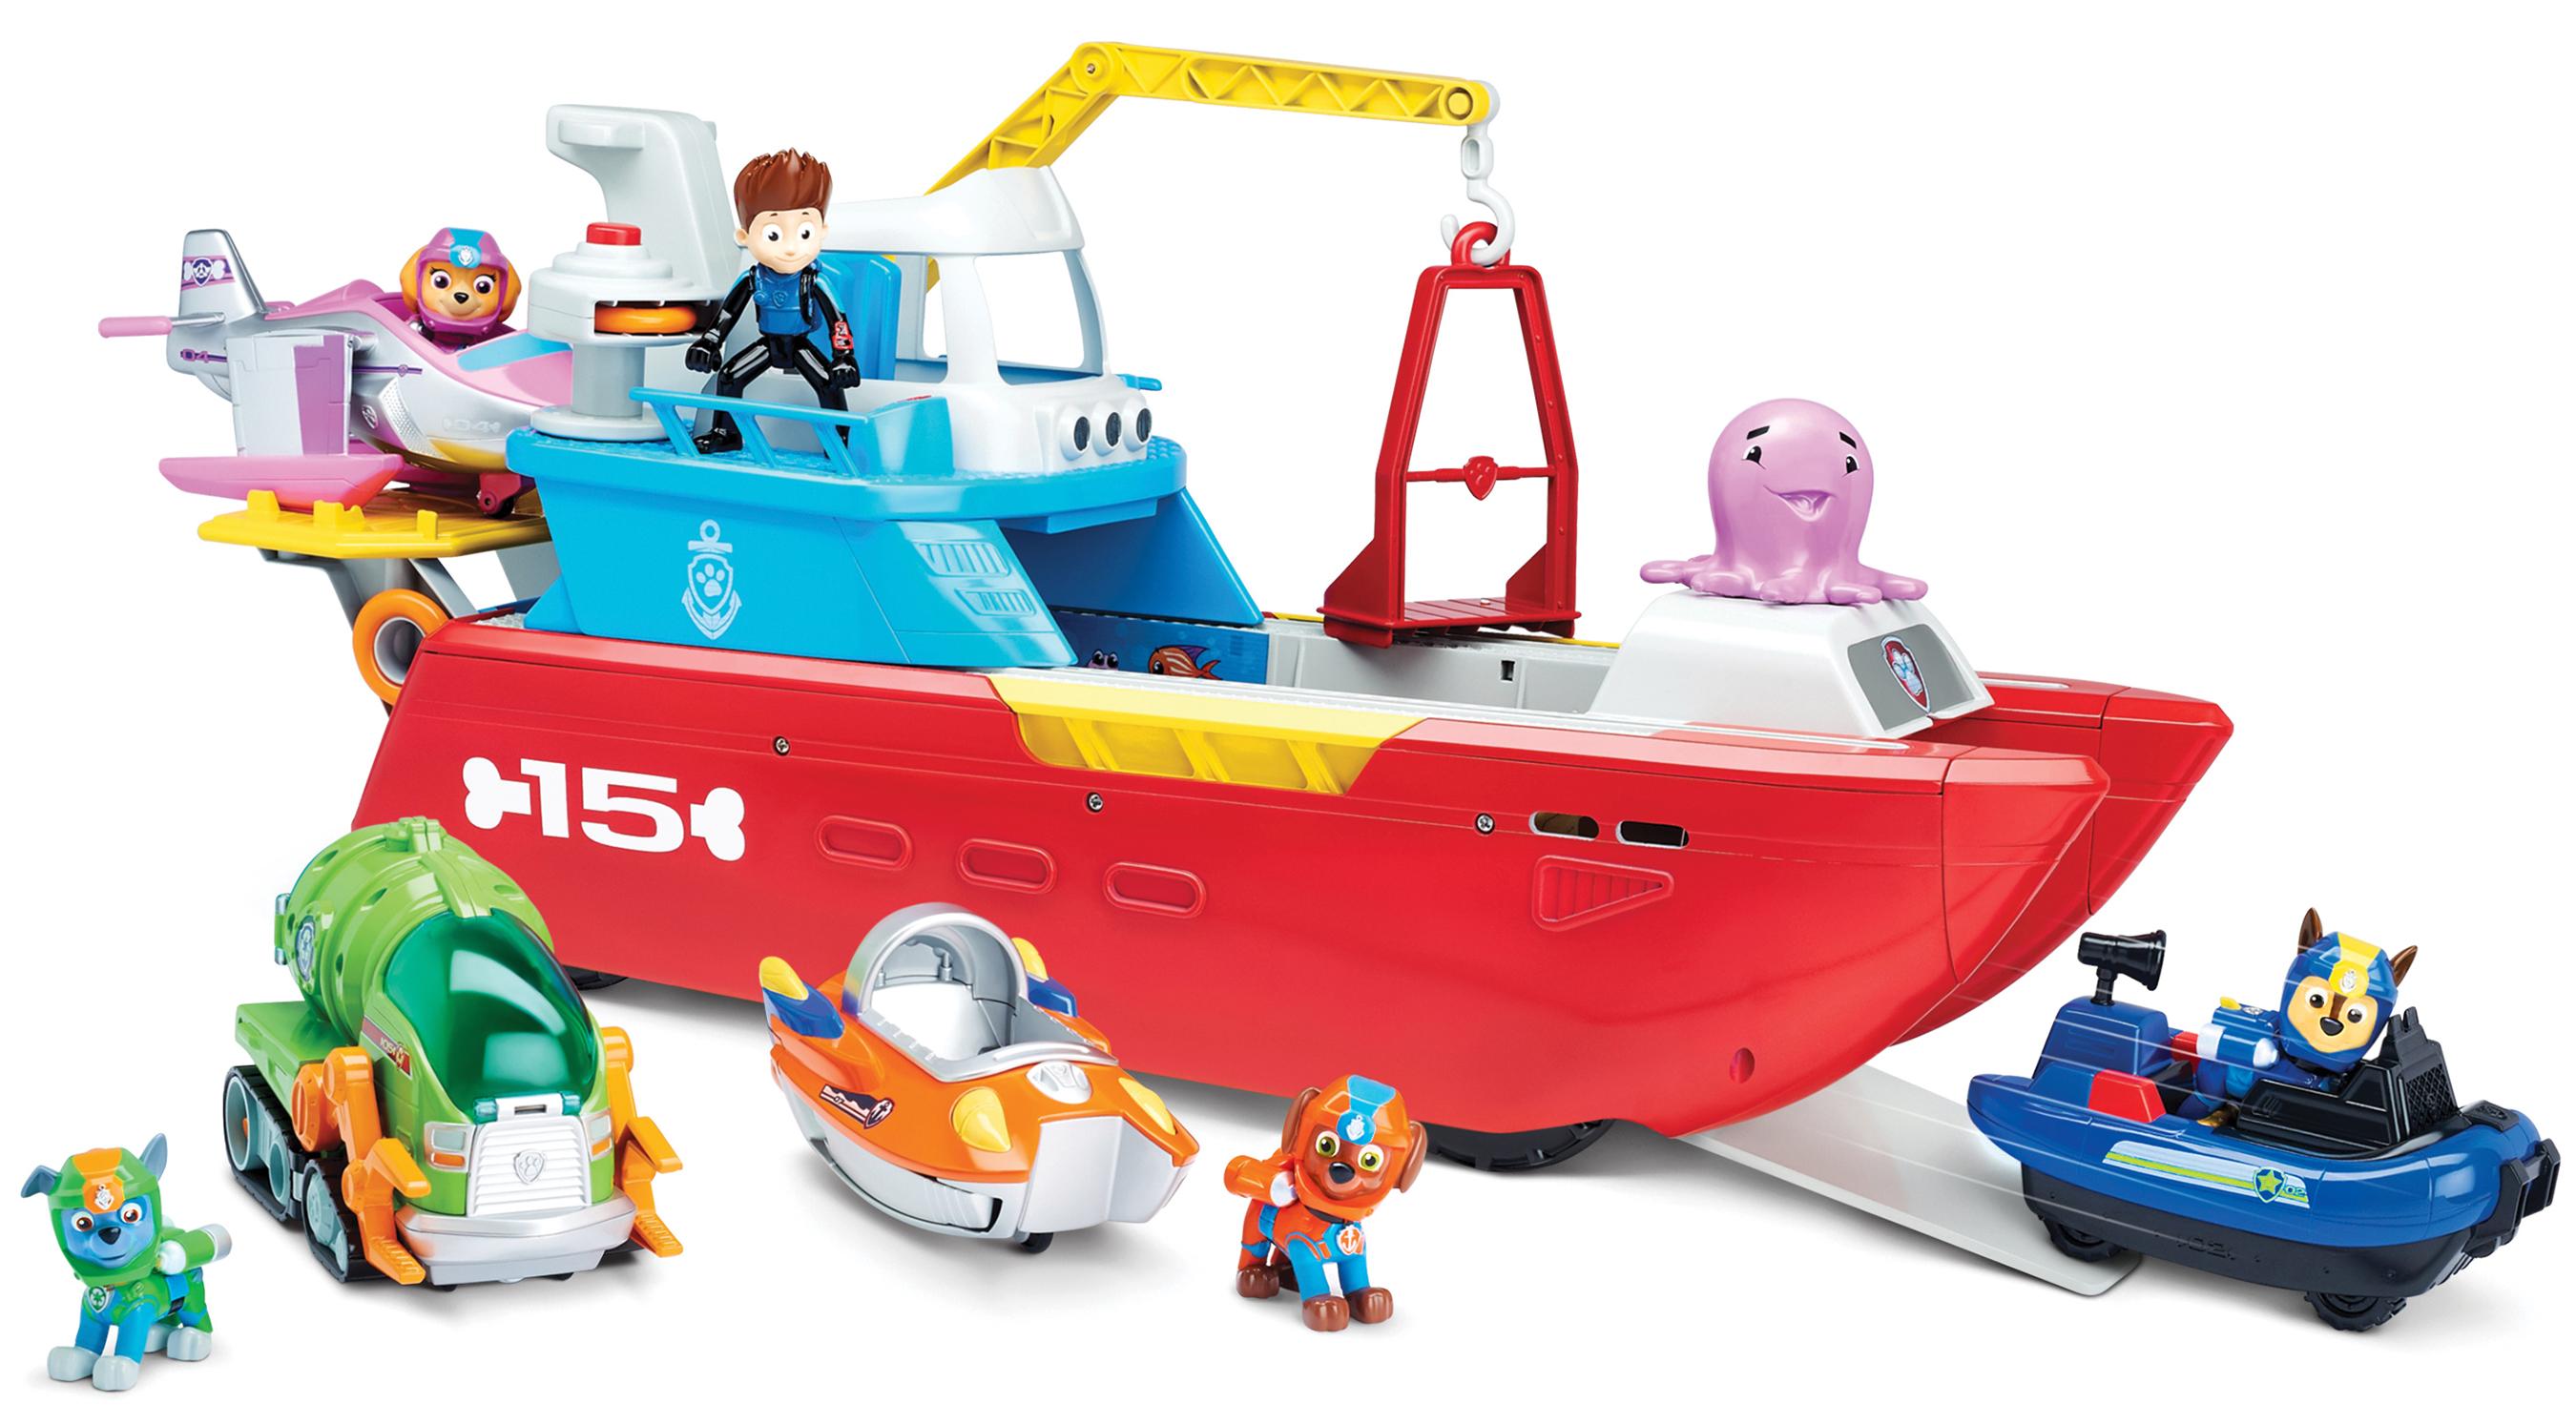 Toys R Us Canada Dévoile Sa Liste Des Jouets Wow Pour De Joueuses Fêtes